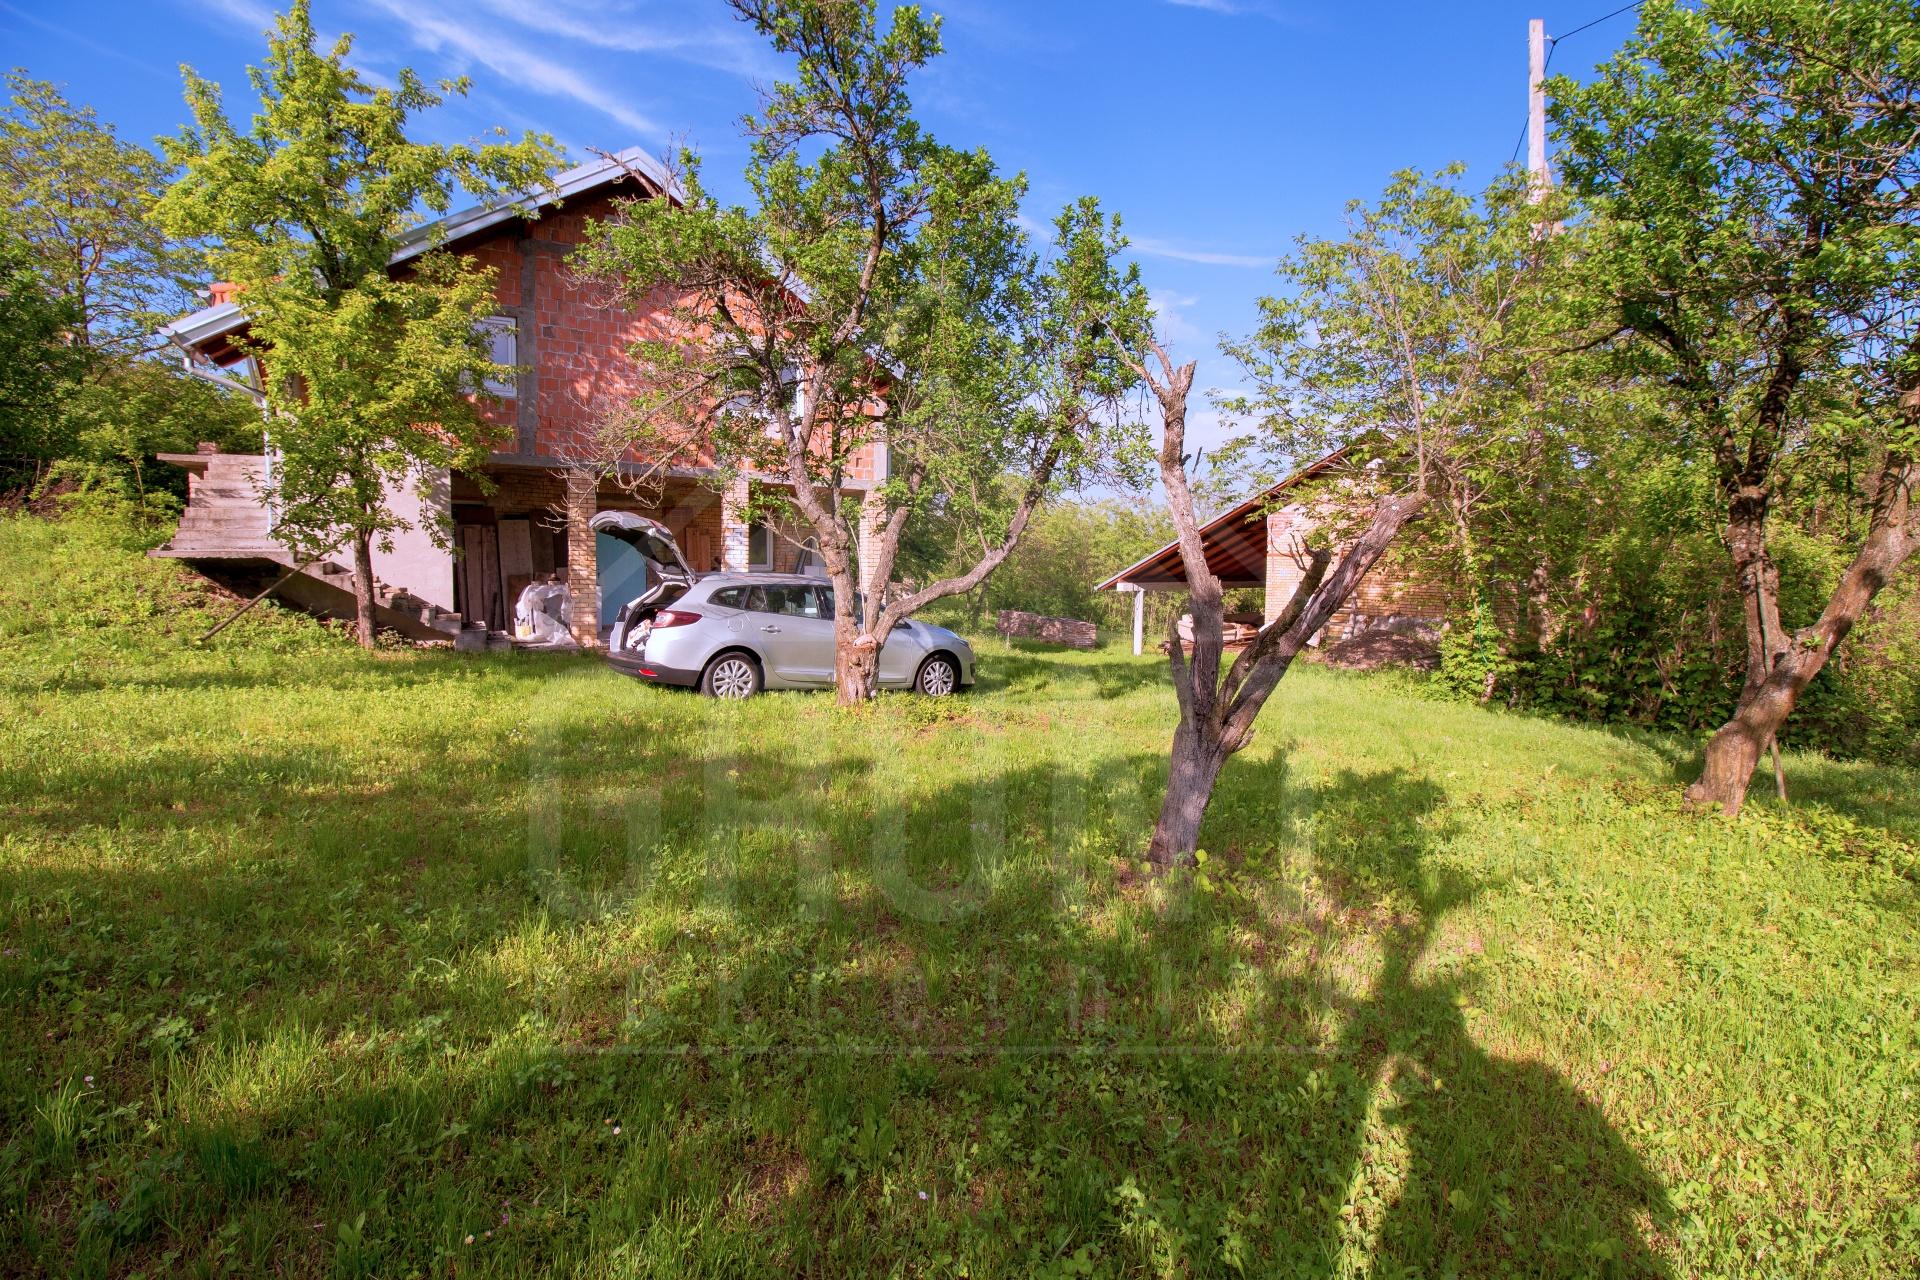 9 vikendica | 3,5 hektara zemljišta | Batina